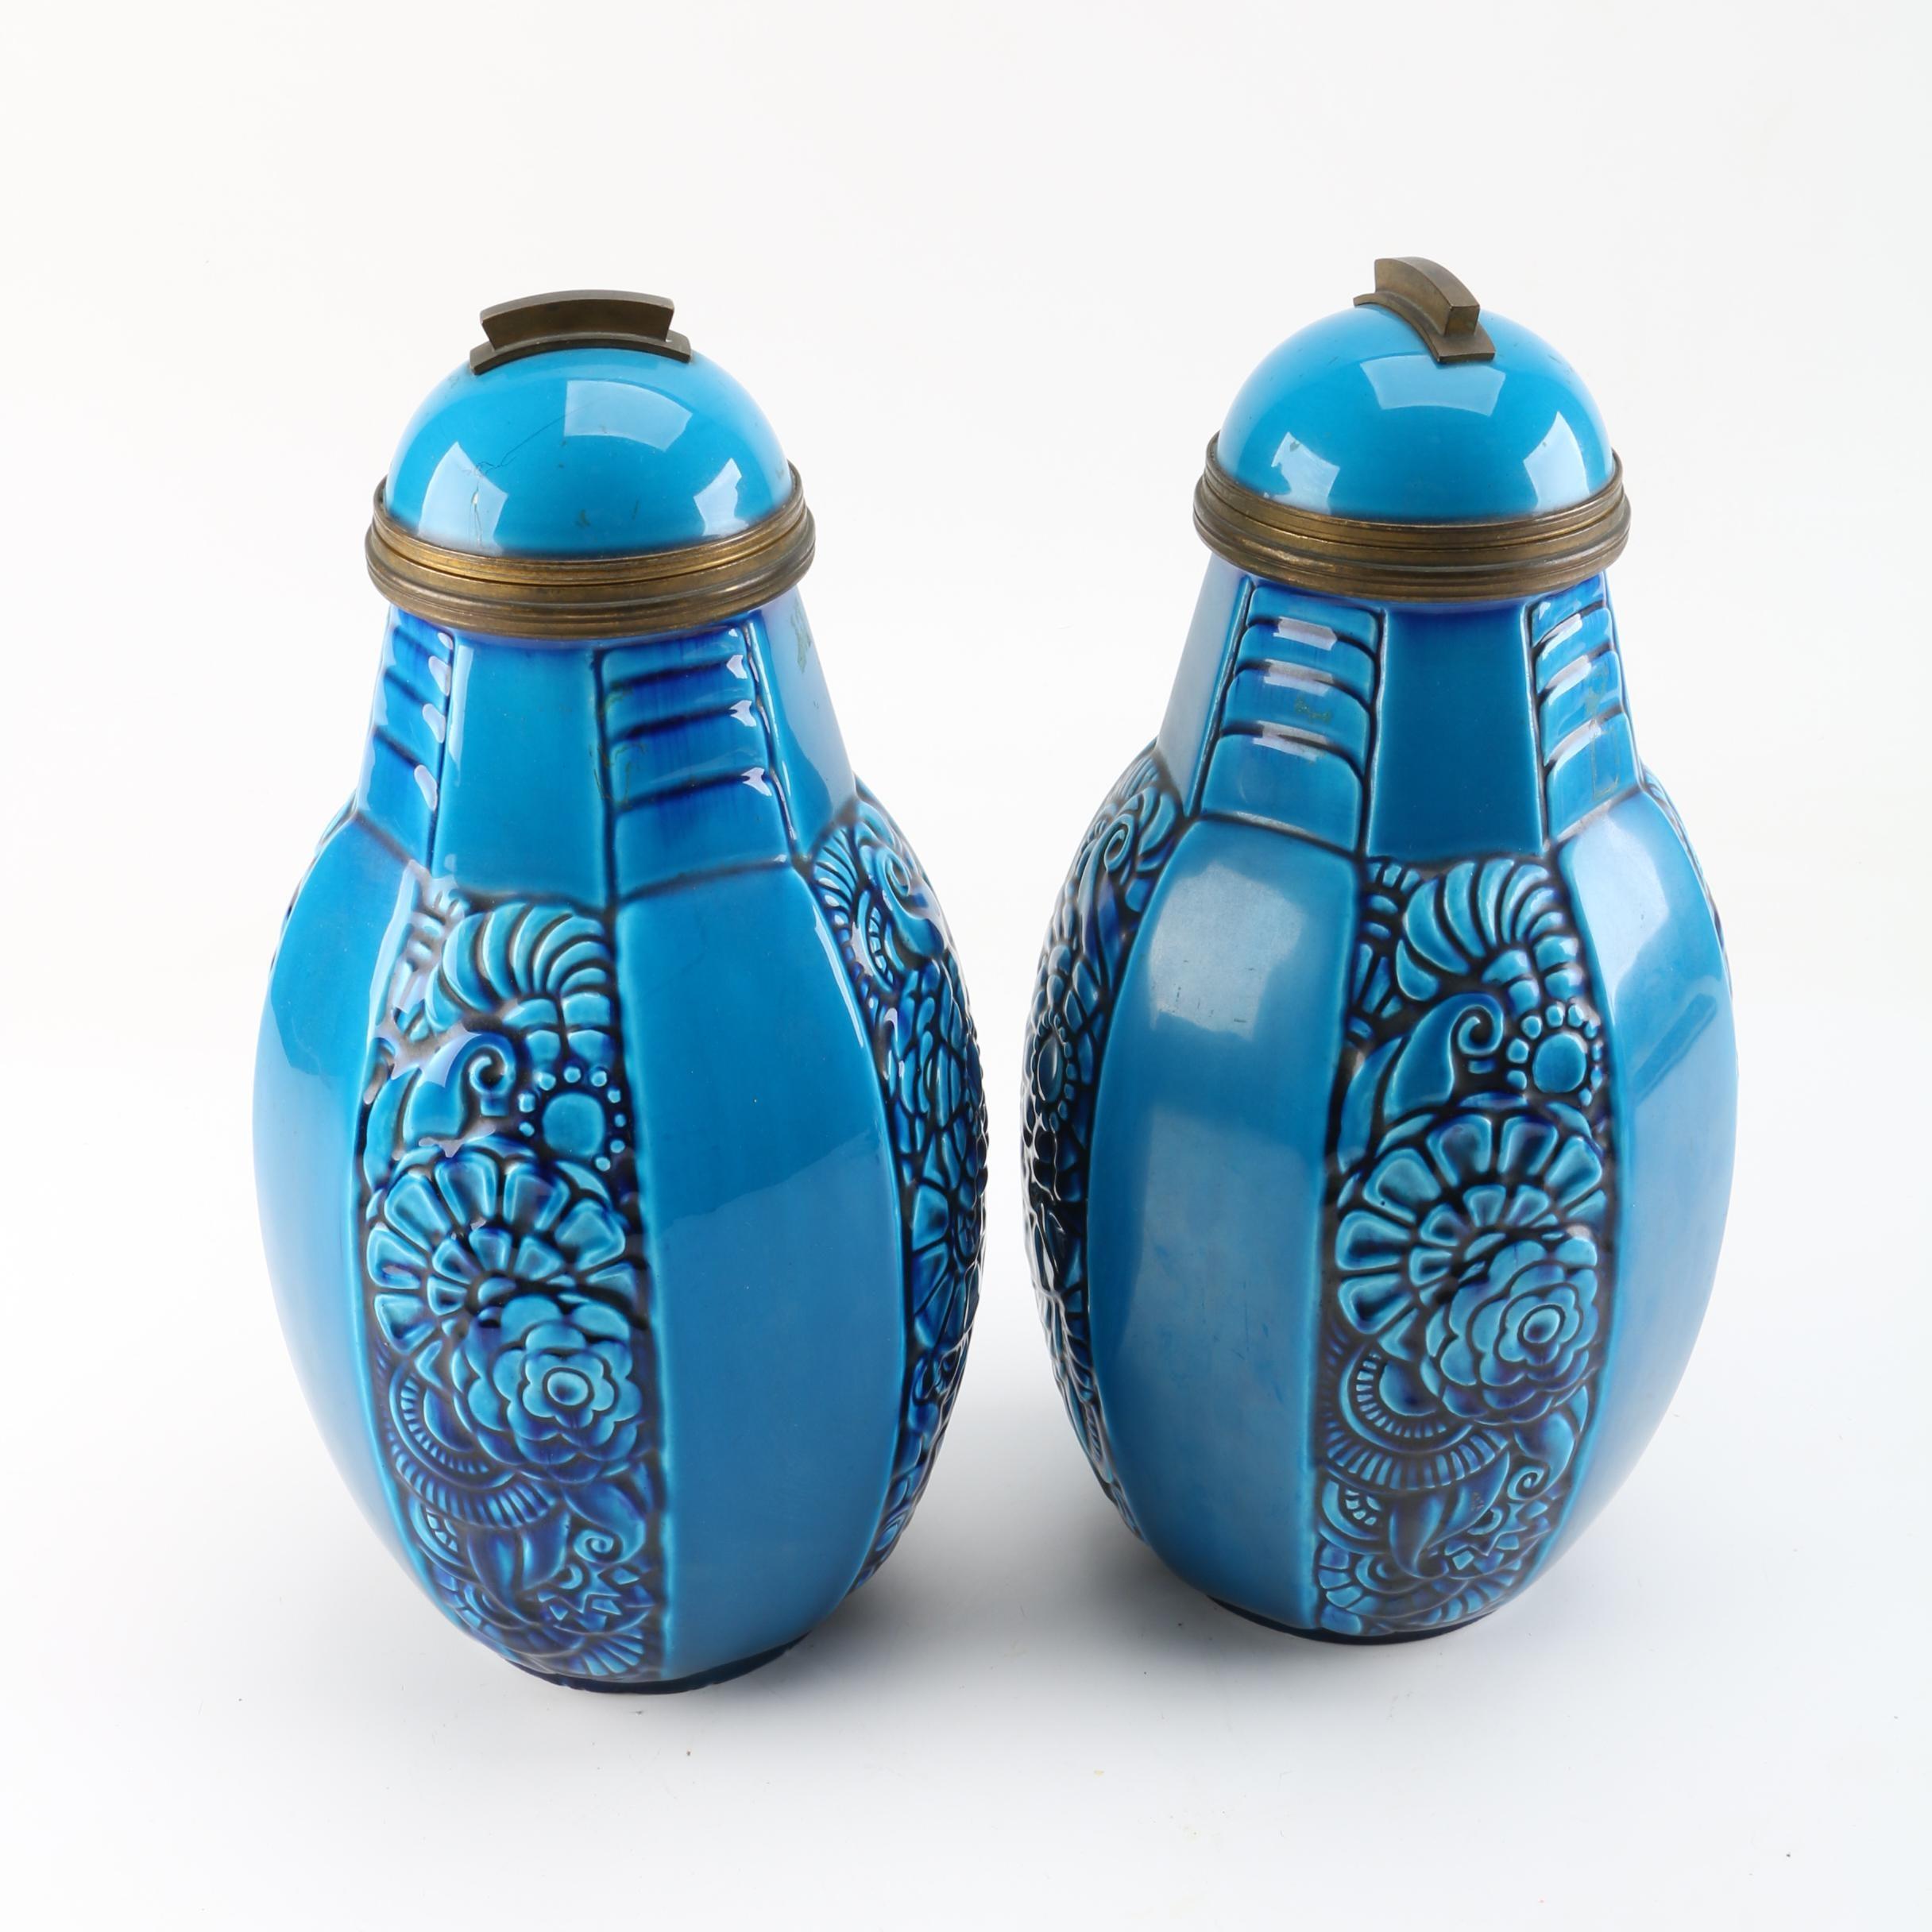 Vintage Paul Milet Sevres Art Deco Blue Lidded Urns